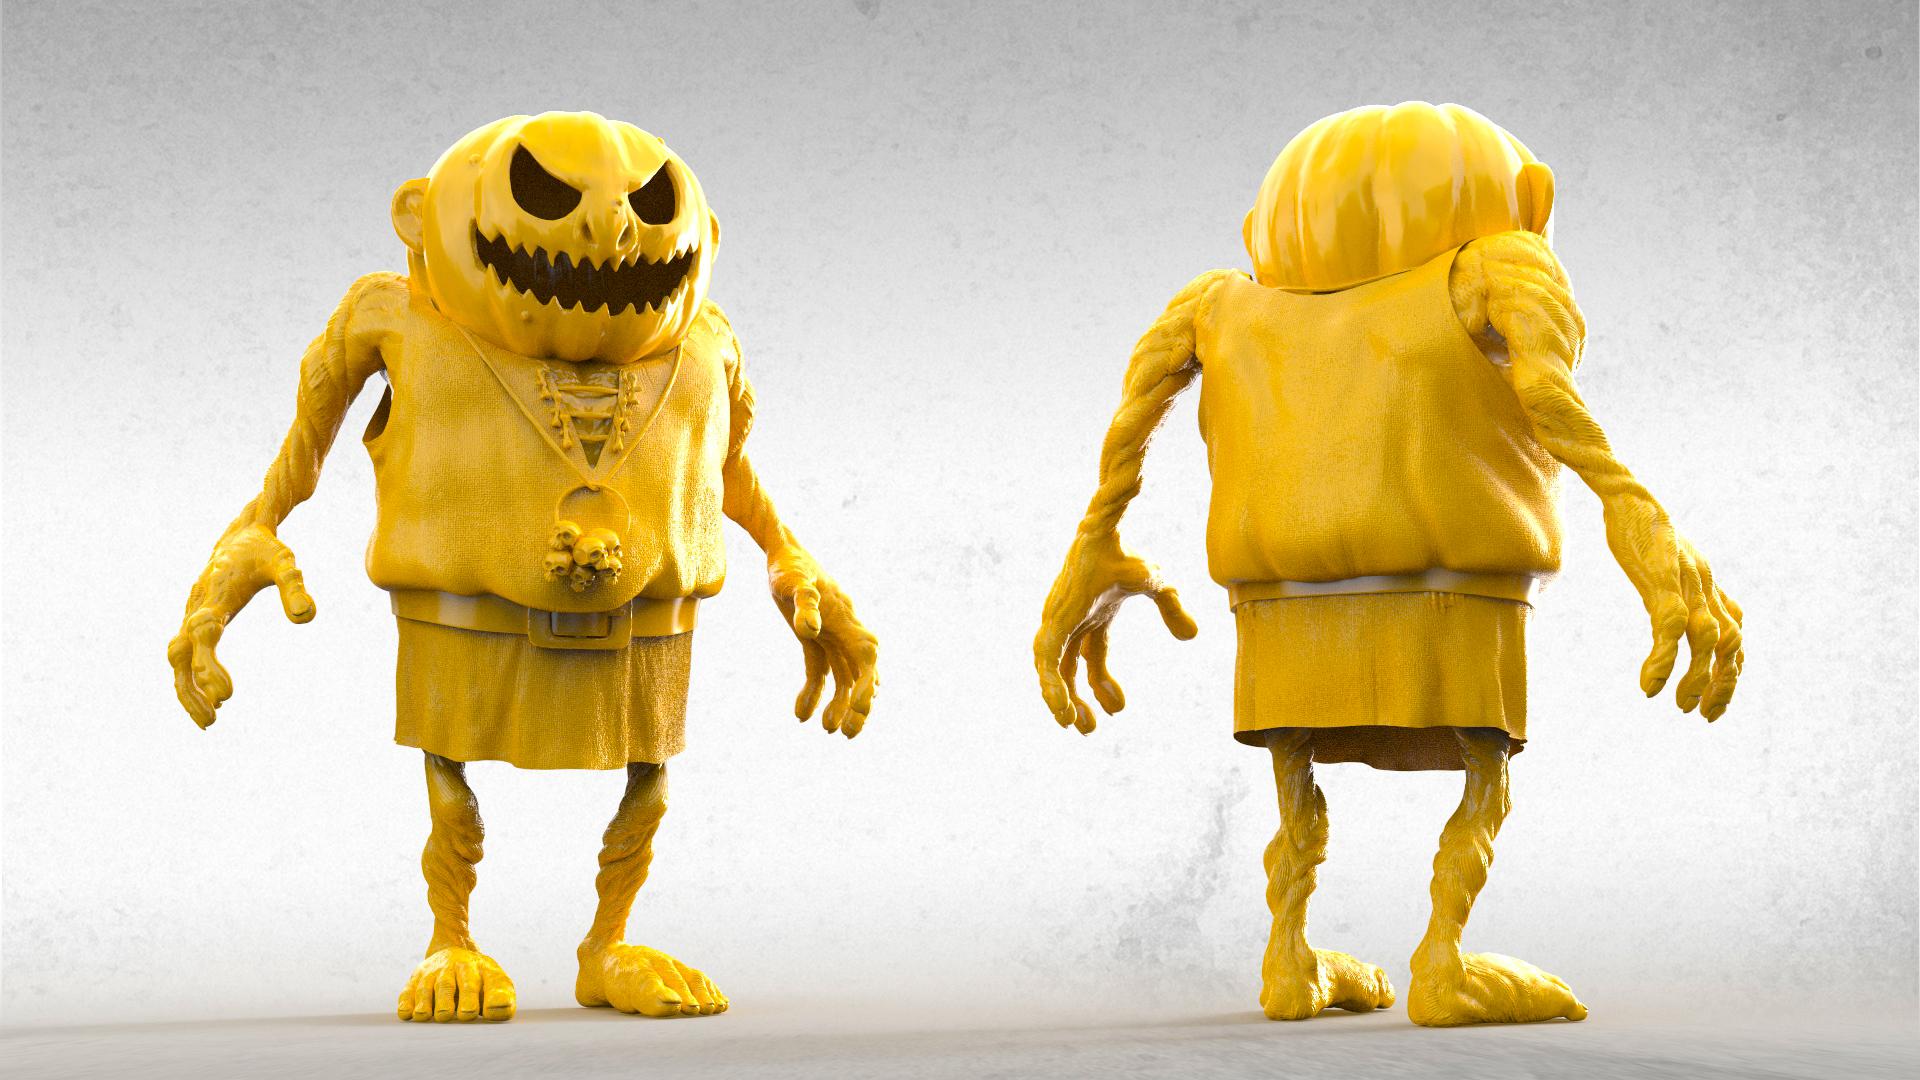 pumpkinGiant-yellow.jpg